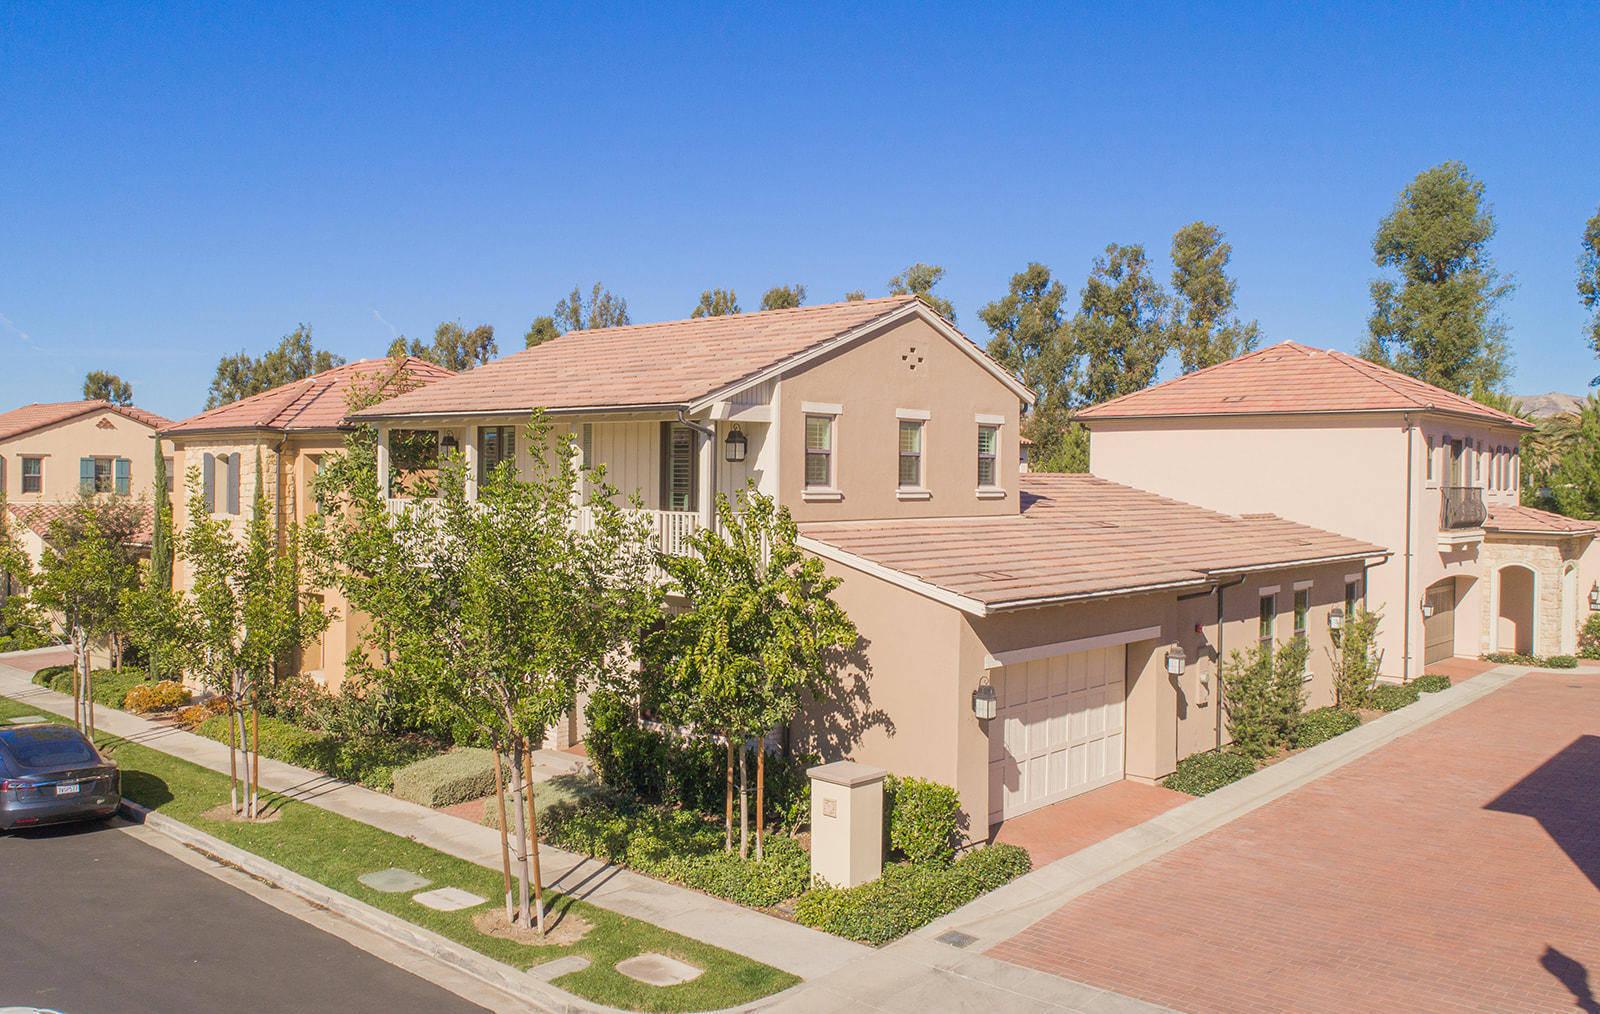 107 Fisher, Irvine, CA 92620